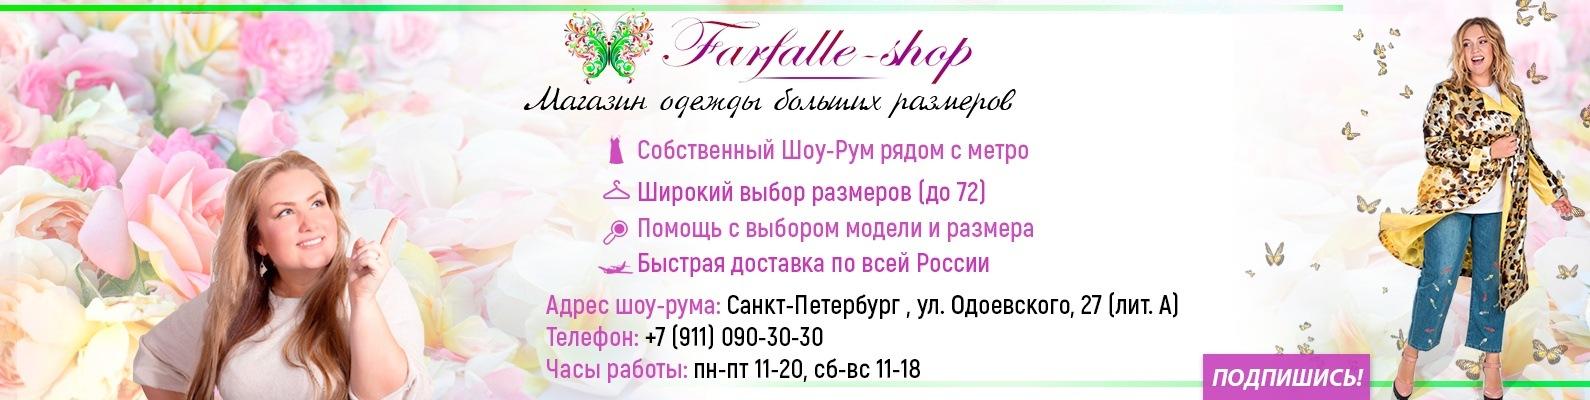 bd3bf3b9f Женская одежда больших размеров | ВКонтакте